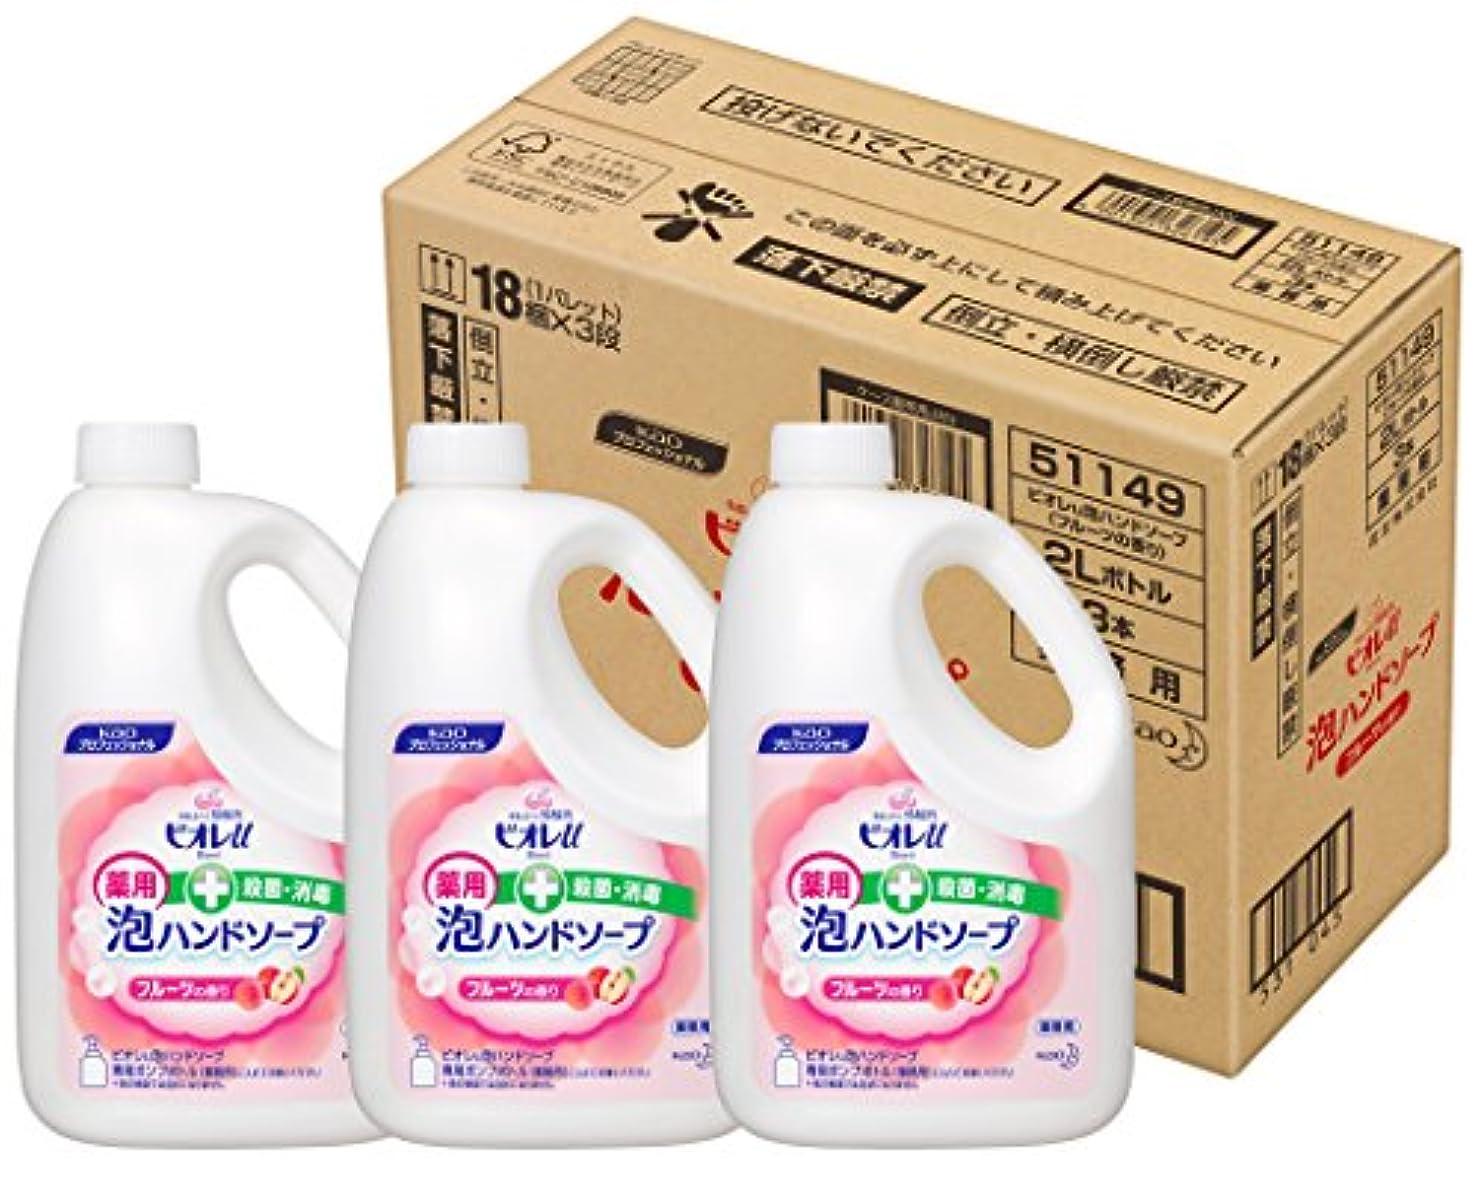 祈るシュリンク媒染剤【ケース販売 業務用 泡ハンドソープ】ビオレu 泡ハンドソープ フルーツの香り 2L×3(プロフェッショナルシリーズ)